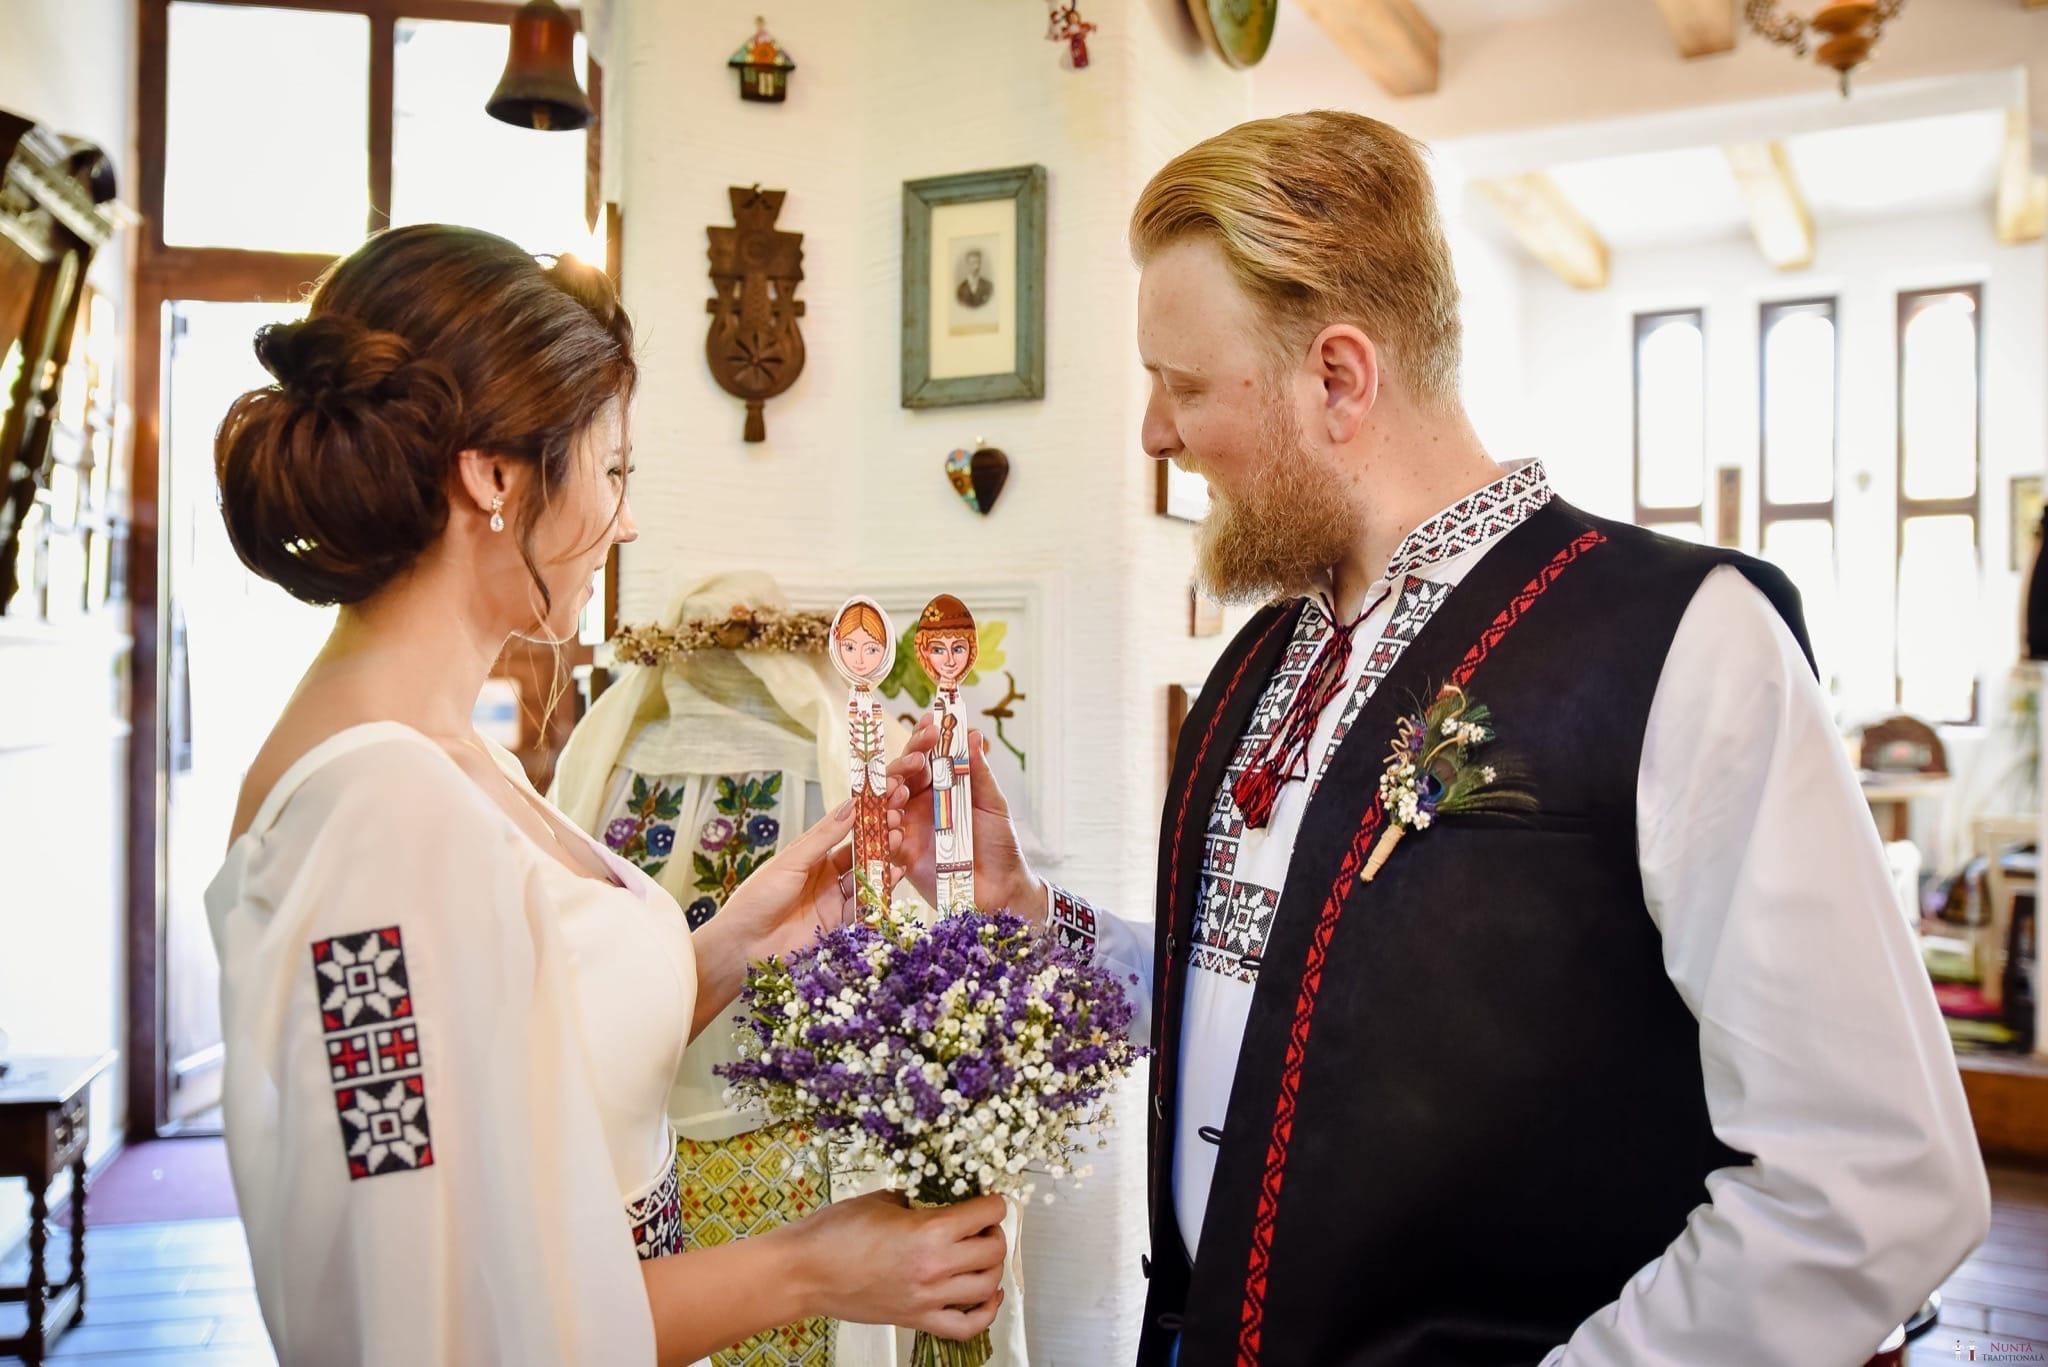 Povești Nunți Tradiționale - Georgiana și Andrei, nuntă tradițională în Iași 15